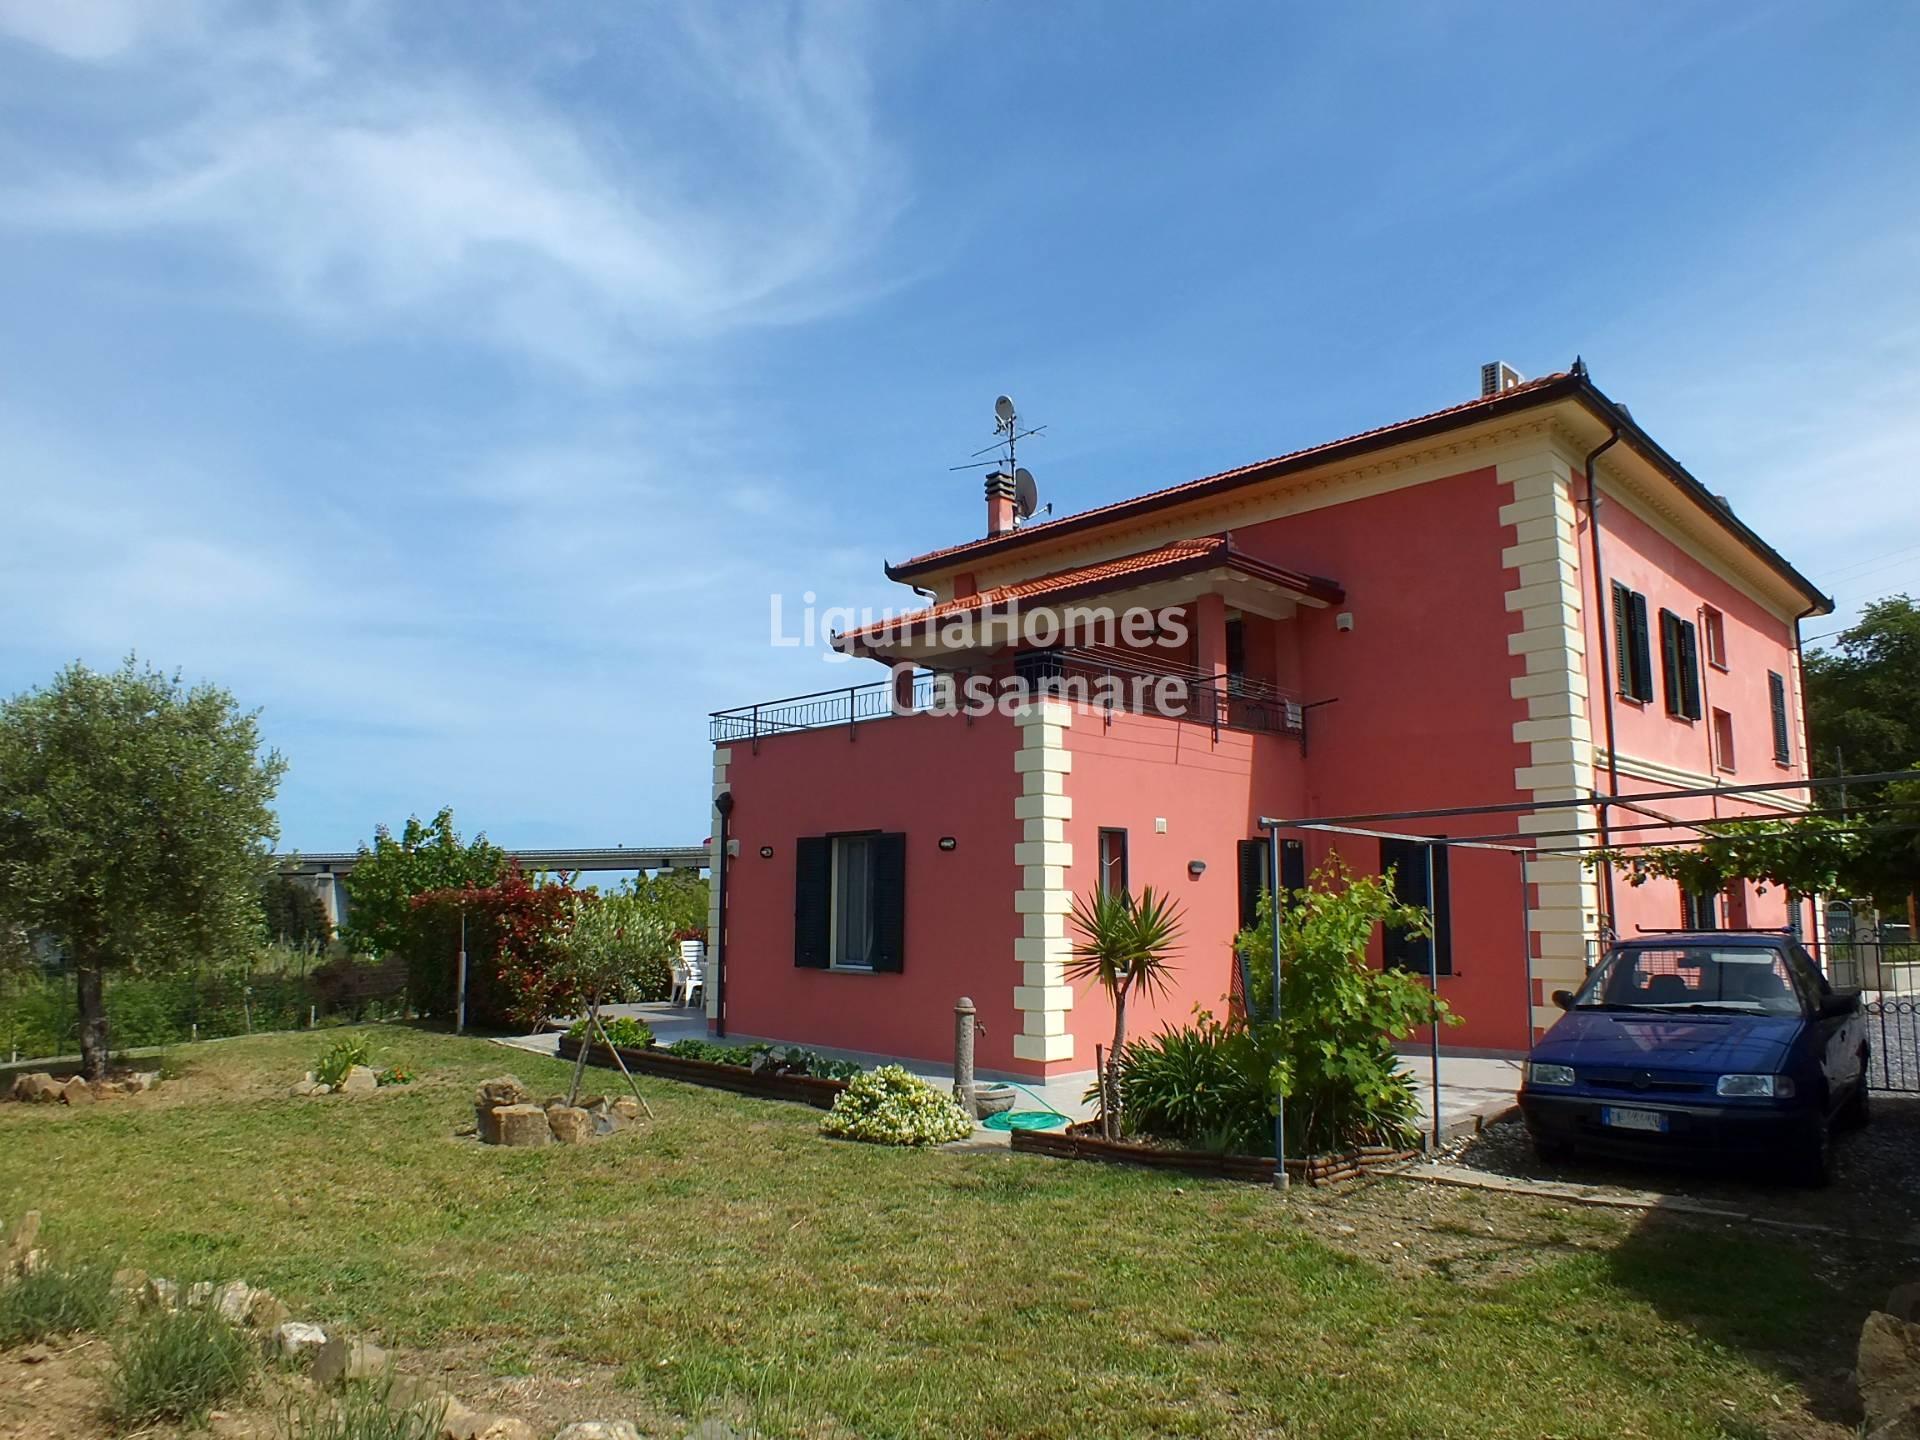 Appartamento in vendita a Imperia, 4 locali, prezzo € 240.000 | Cambio Casa.it